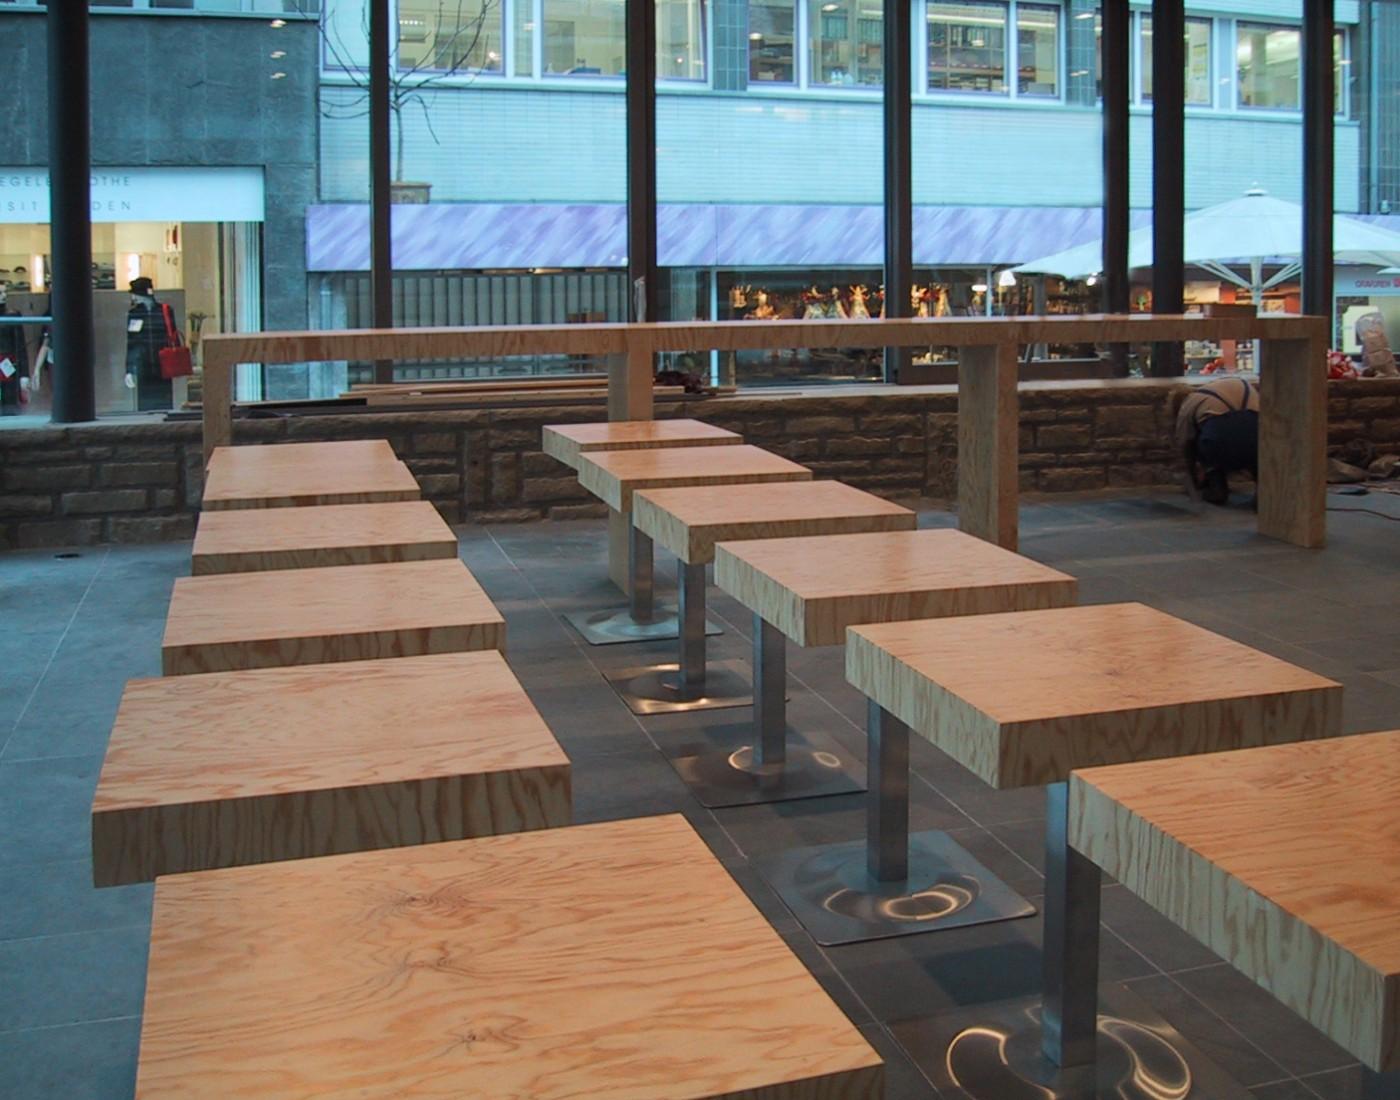 ww_Gastronomie_Marktcafe_Pforzheim_Copyright_offen_3